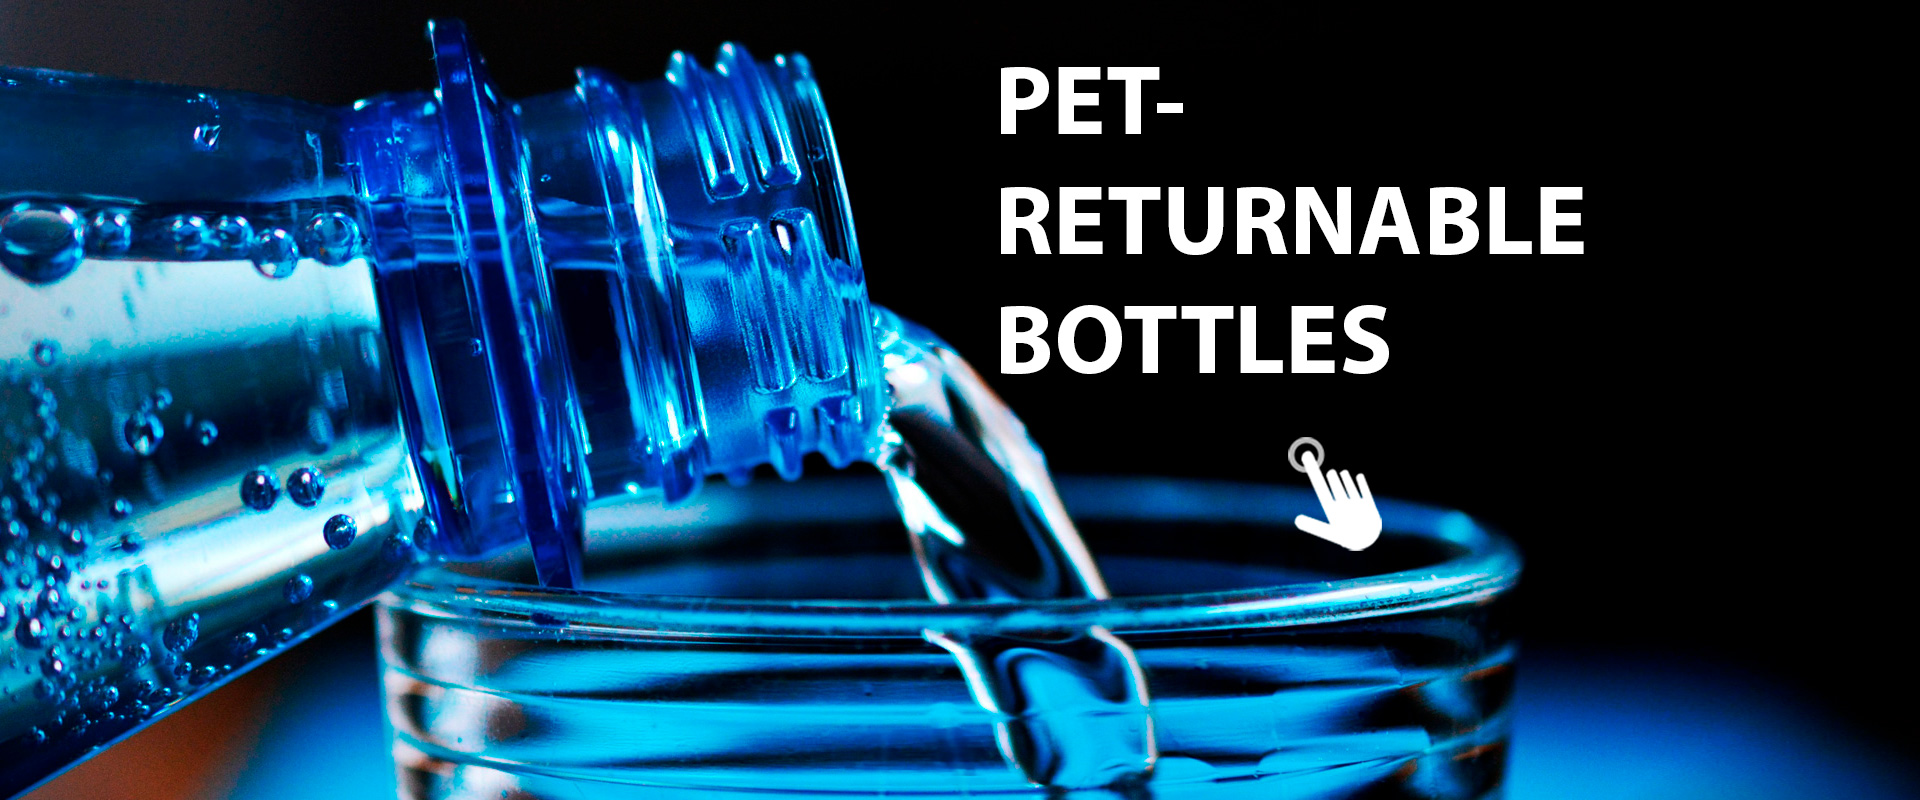 inspection of PET-returnable bottles